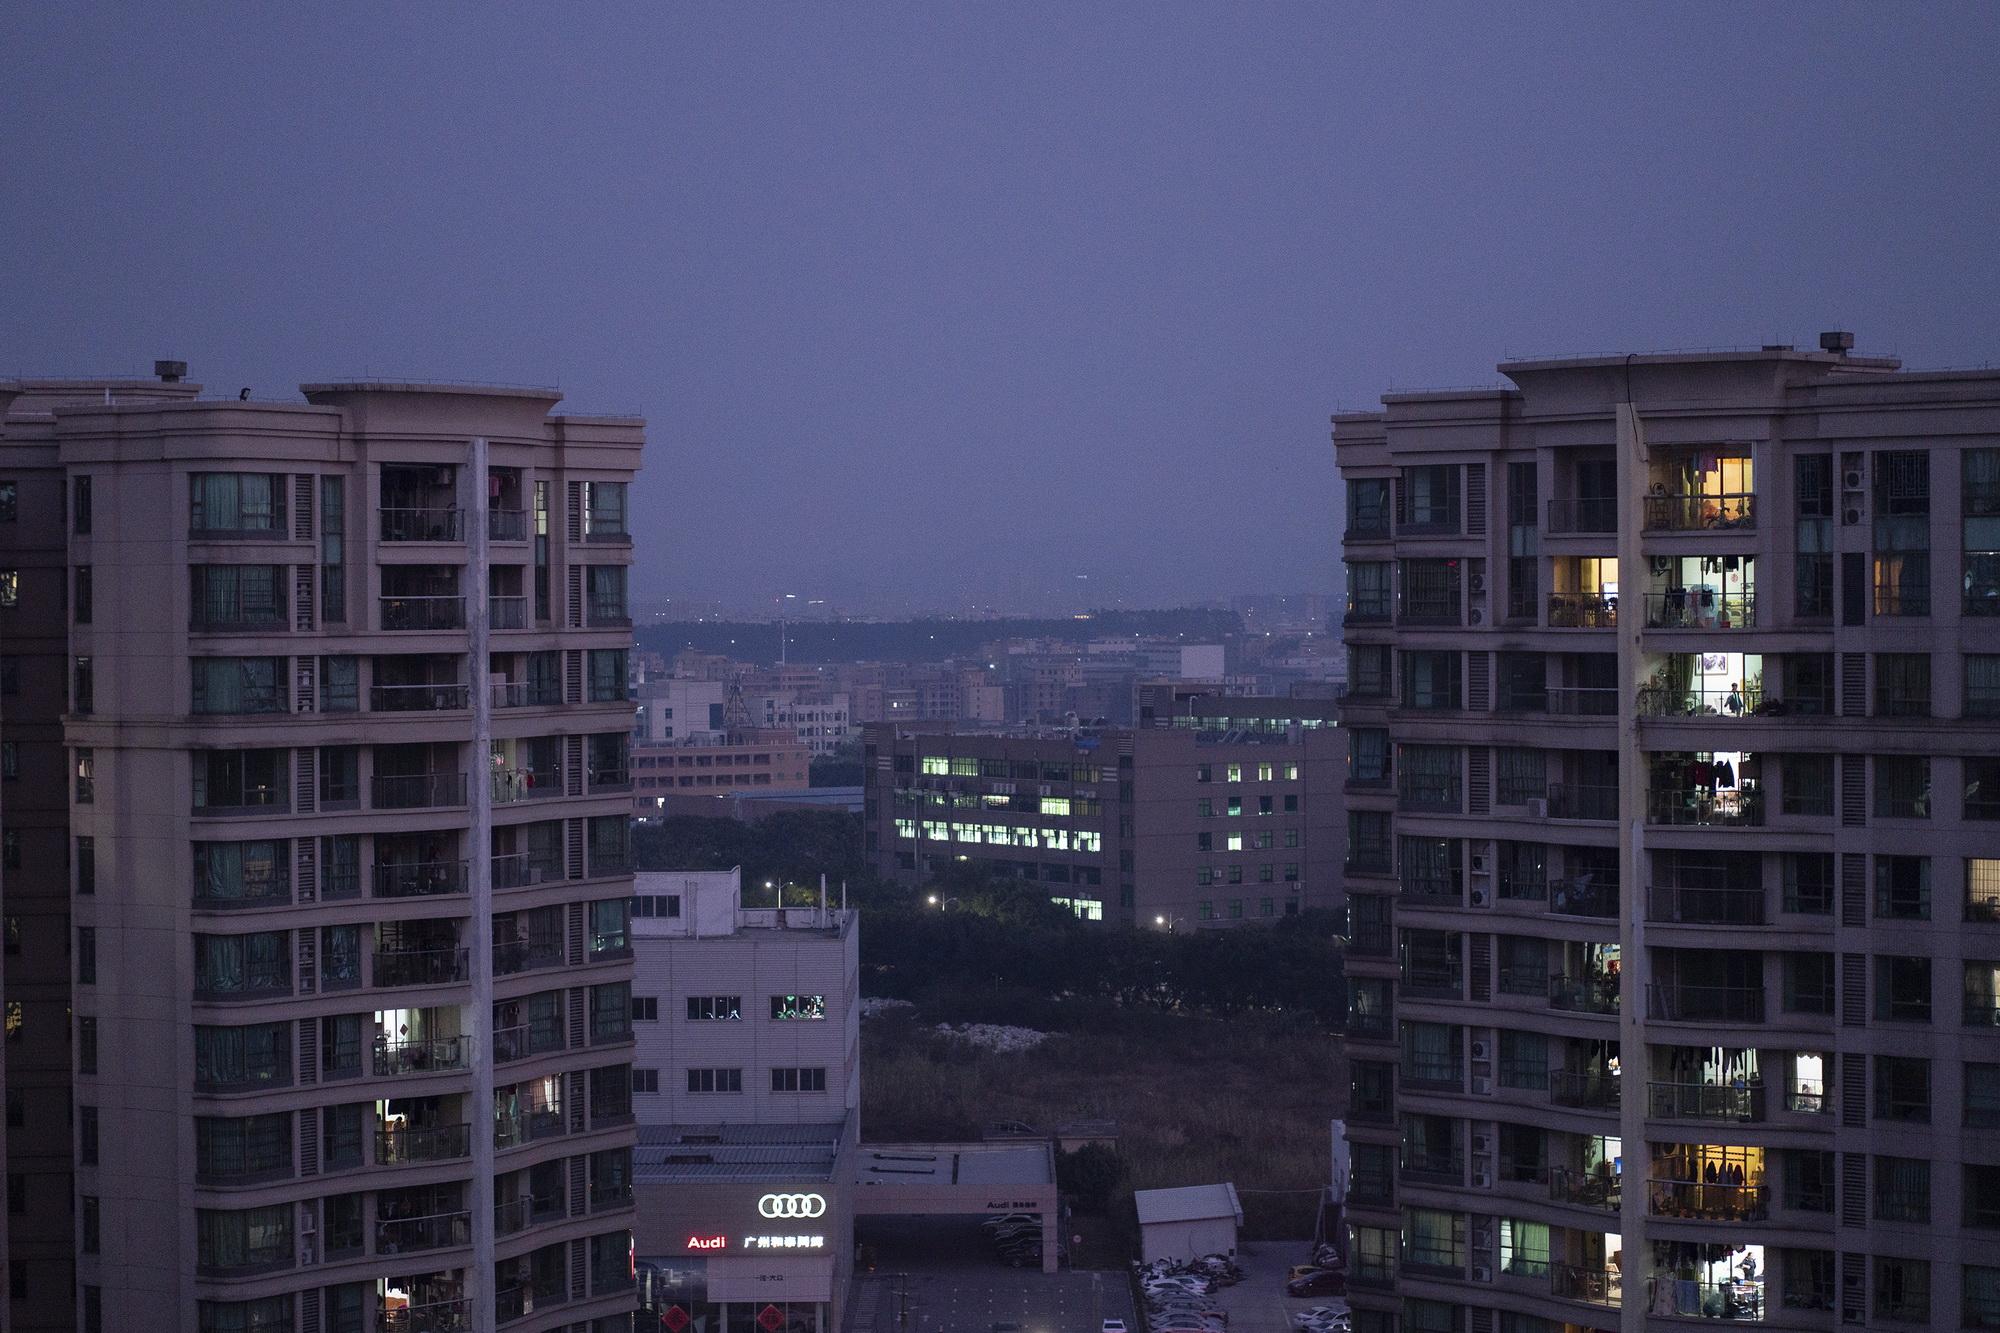 2020年2月20日,夜幕降临,陈敏的直播也开始了。